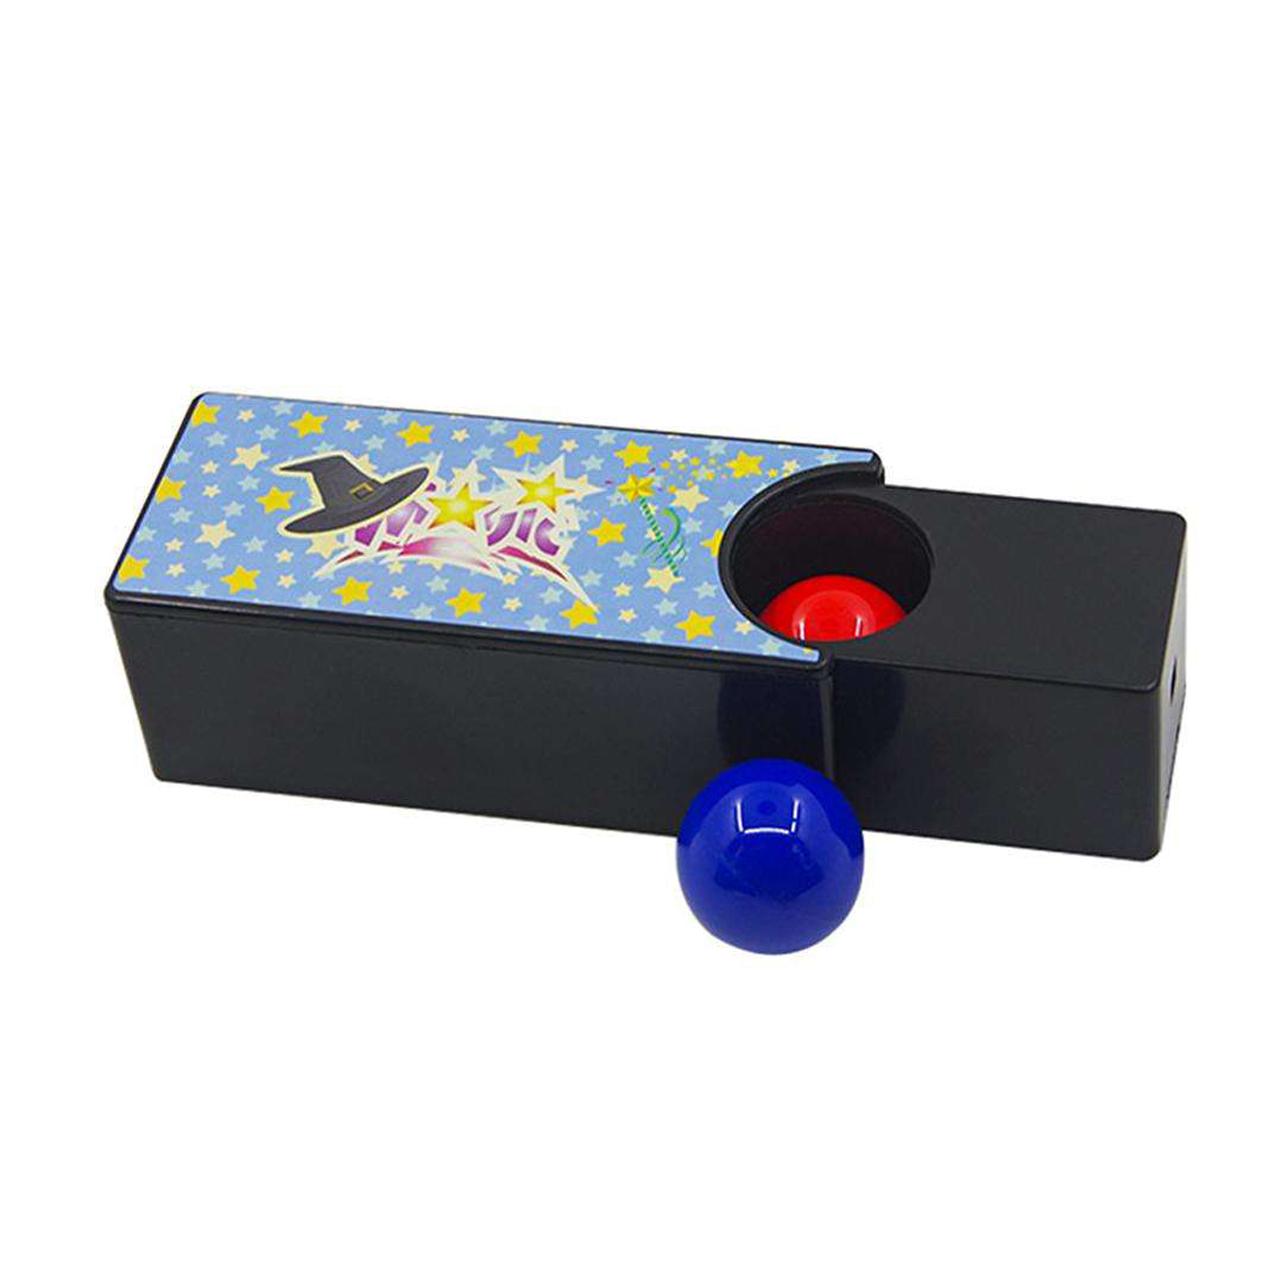 ابزار شعبده بازی طرح جعبه توپ سحرامیز DSK